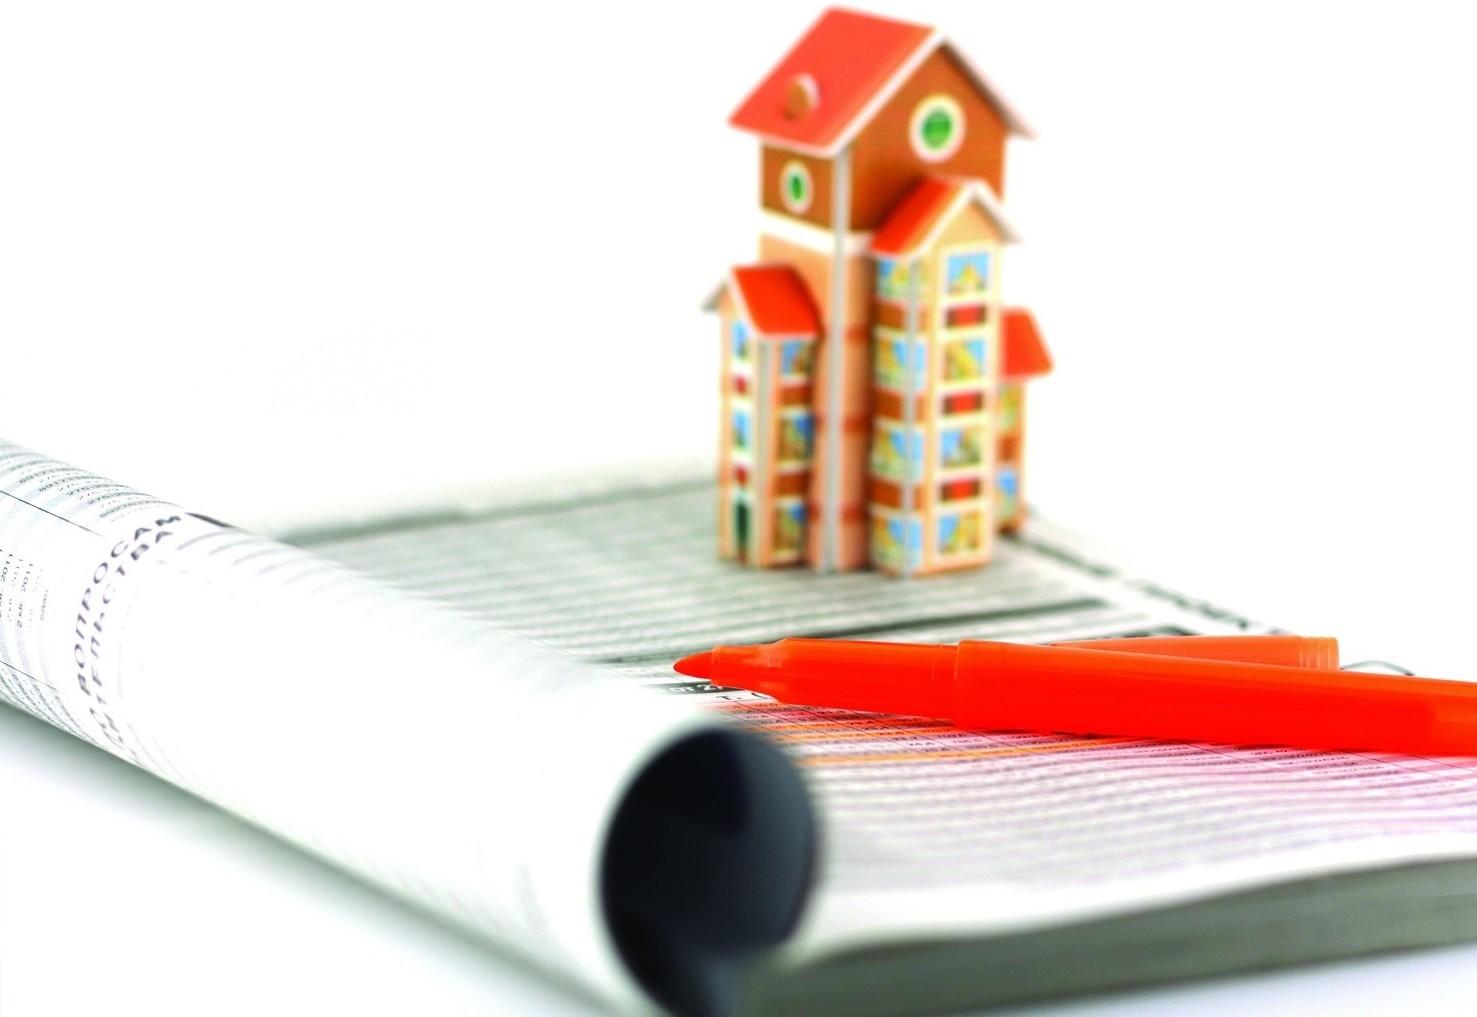 Chi è il responsabile dei lavori in casa per infortunio operai e abuso edilizio